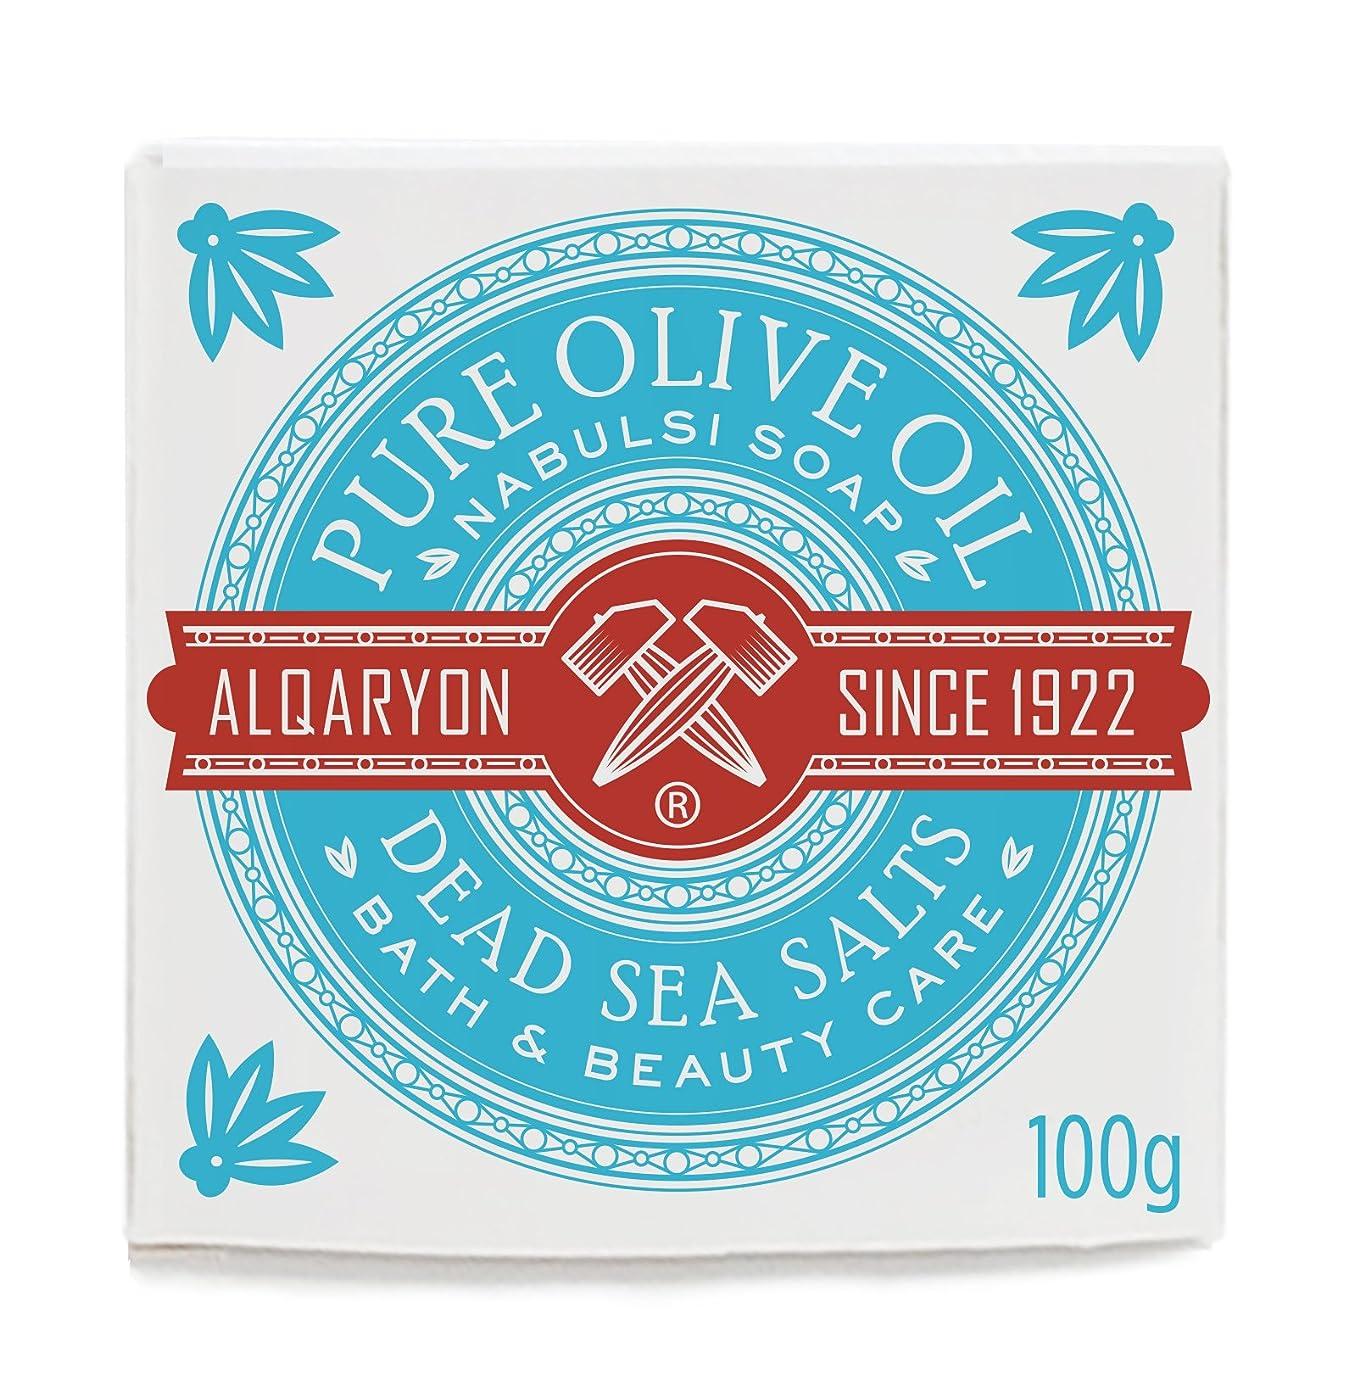 資格情報ハブ失速Alqaryon Dead Sea Salts & Olive Oil Bar Soap, Pack of 4 Bars 100g- Alqaryonの死海で取れる塩&オリーブオイル ソープ、バス & ビューティー ケア、100gの石鹸4個のパック